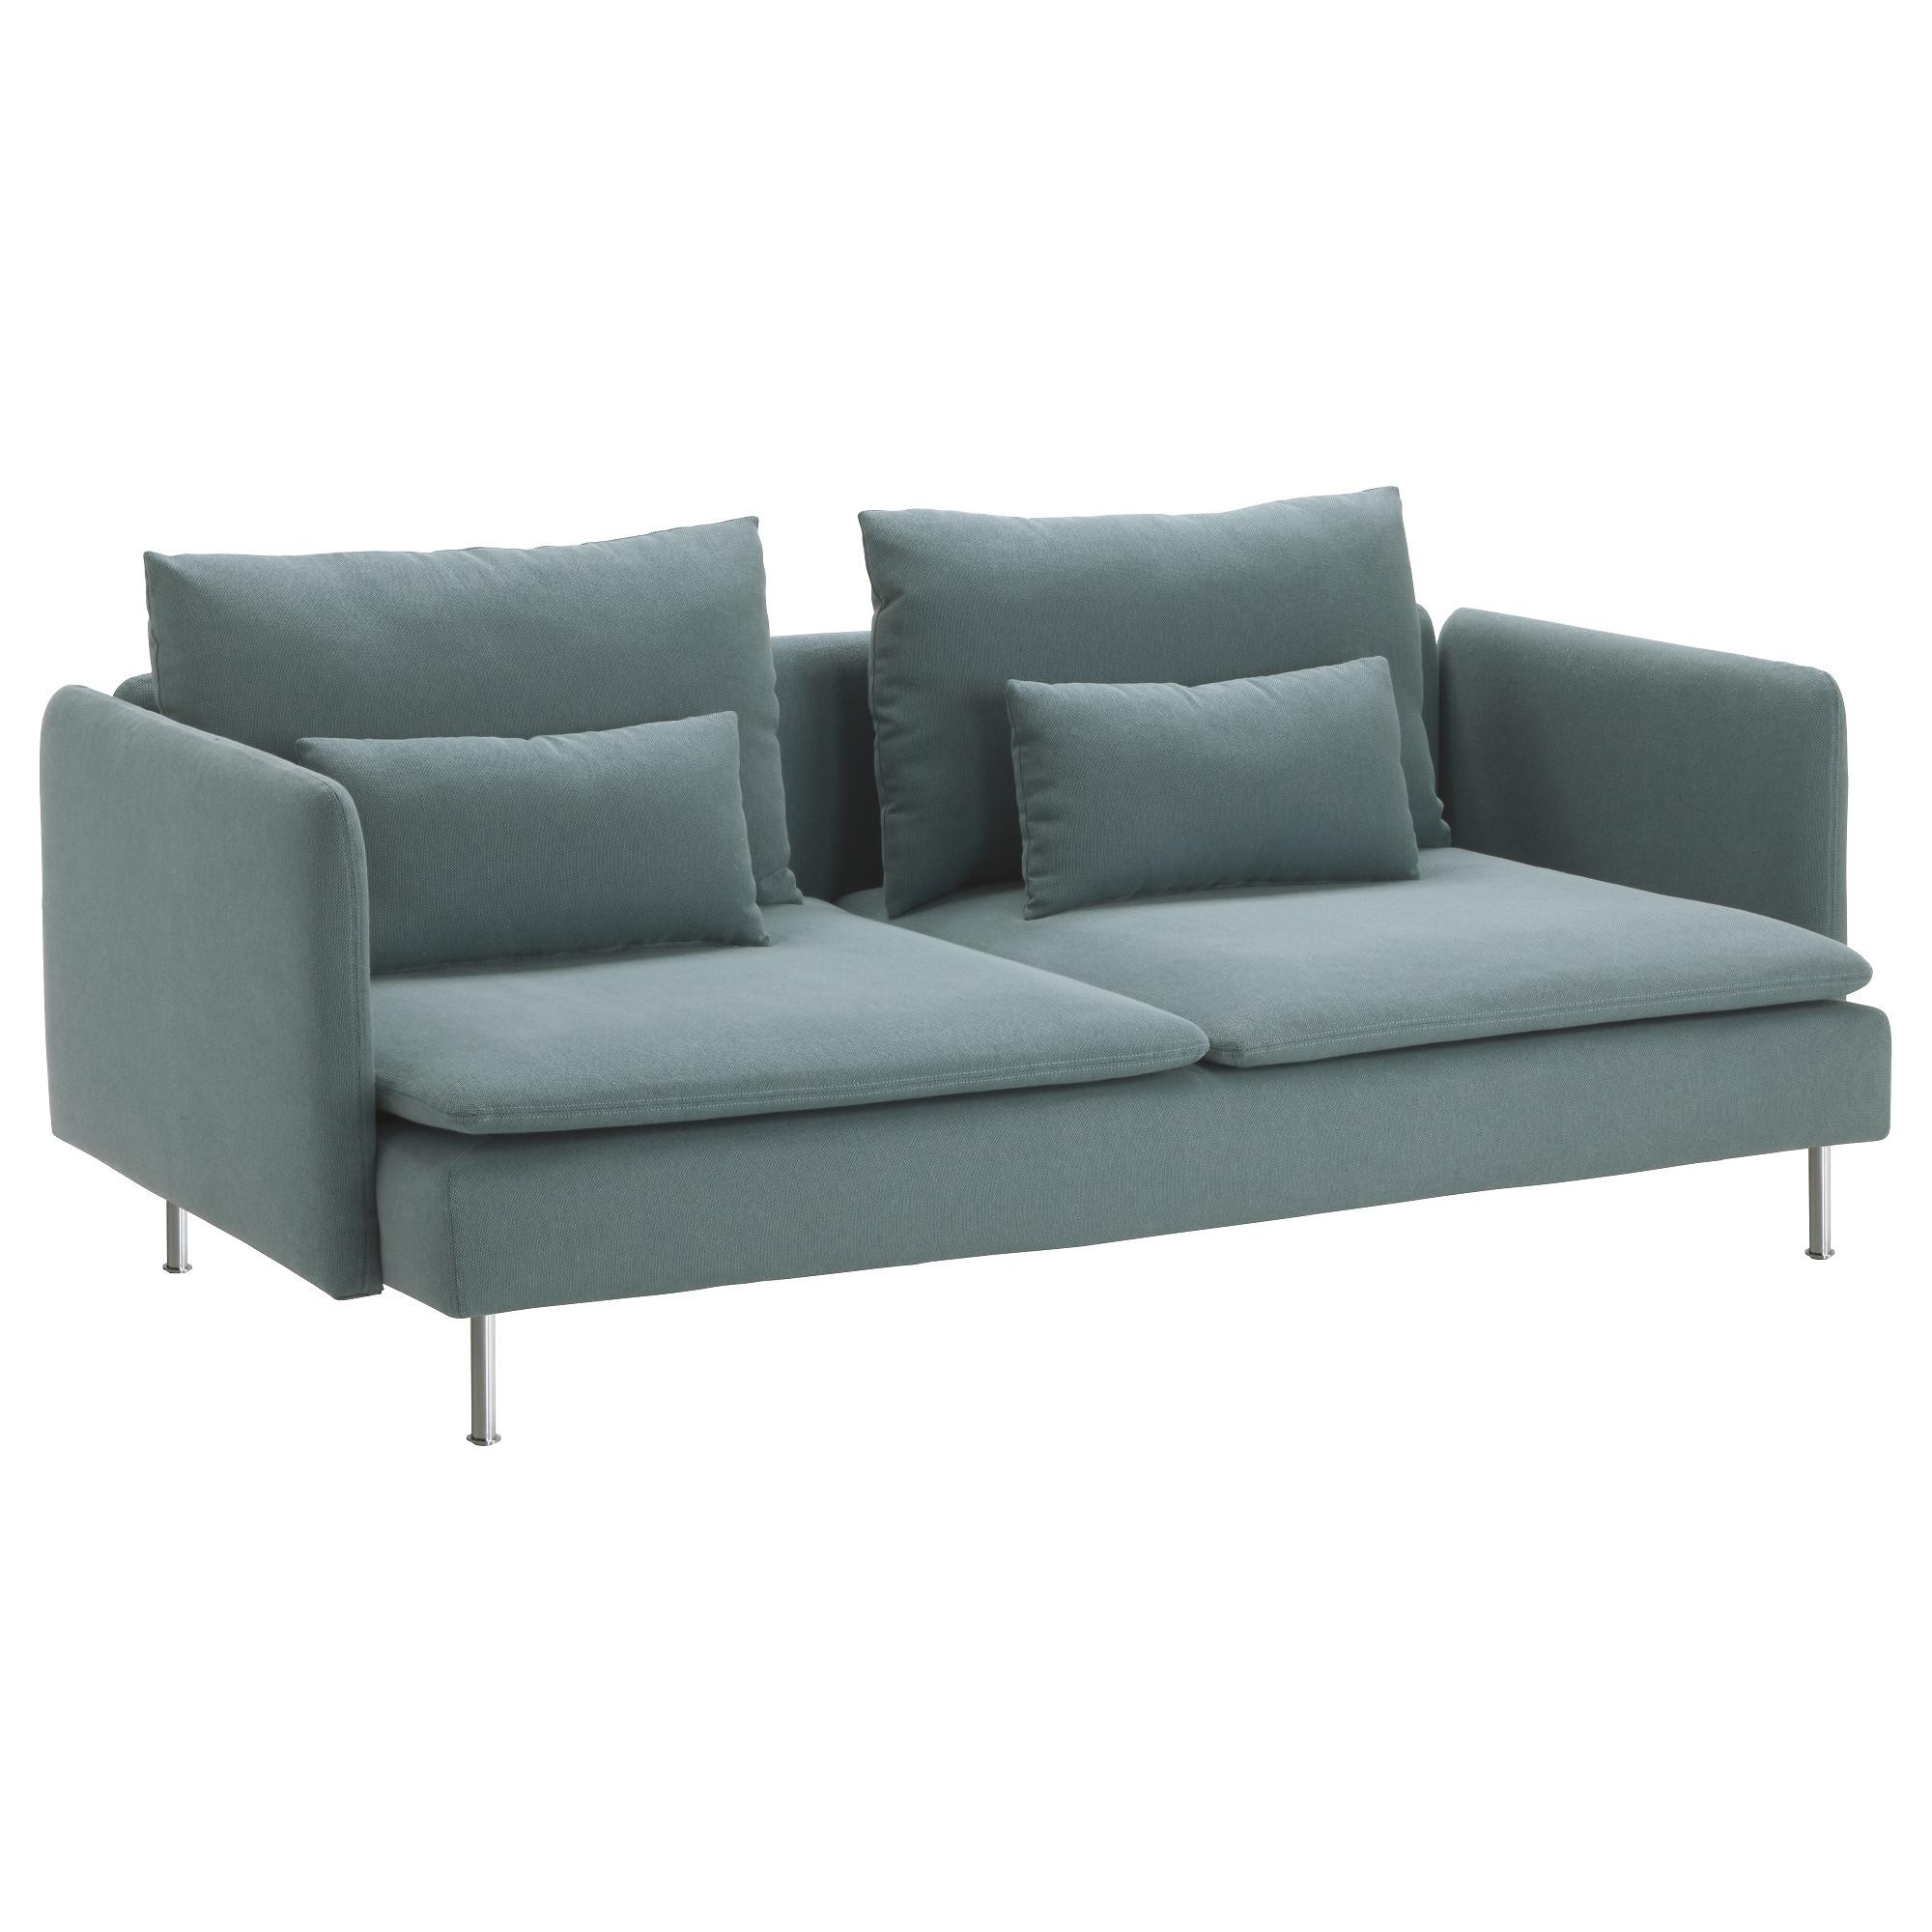 Sofas A Medida Madrid Dwdk Sà Derhamn sofà 3 Plazas Finnsta Turquesa Ikea